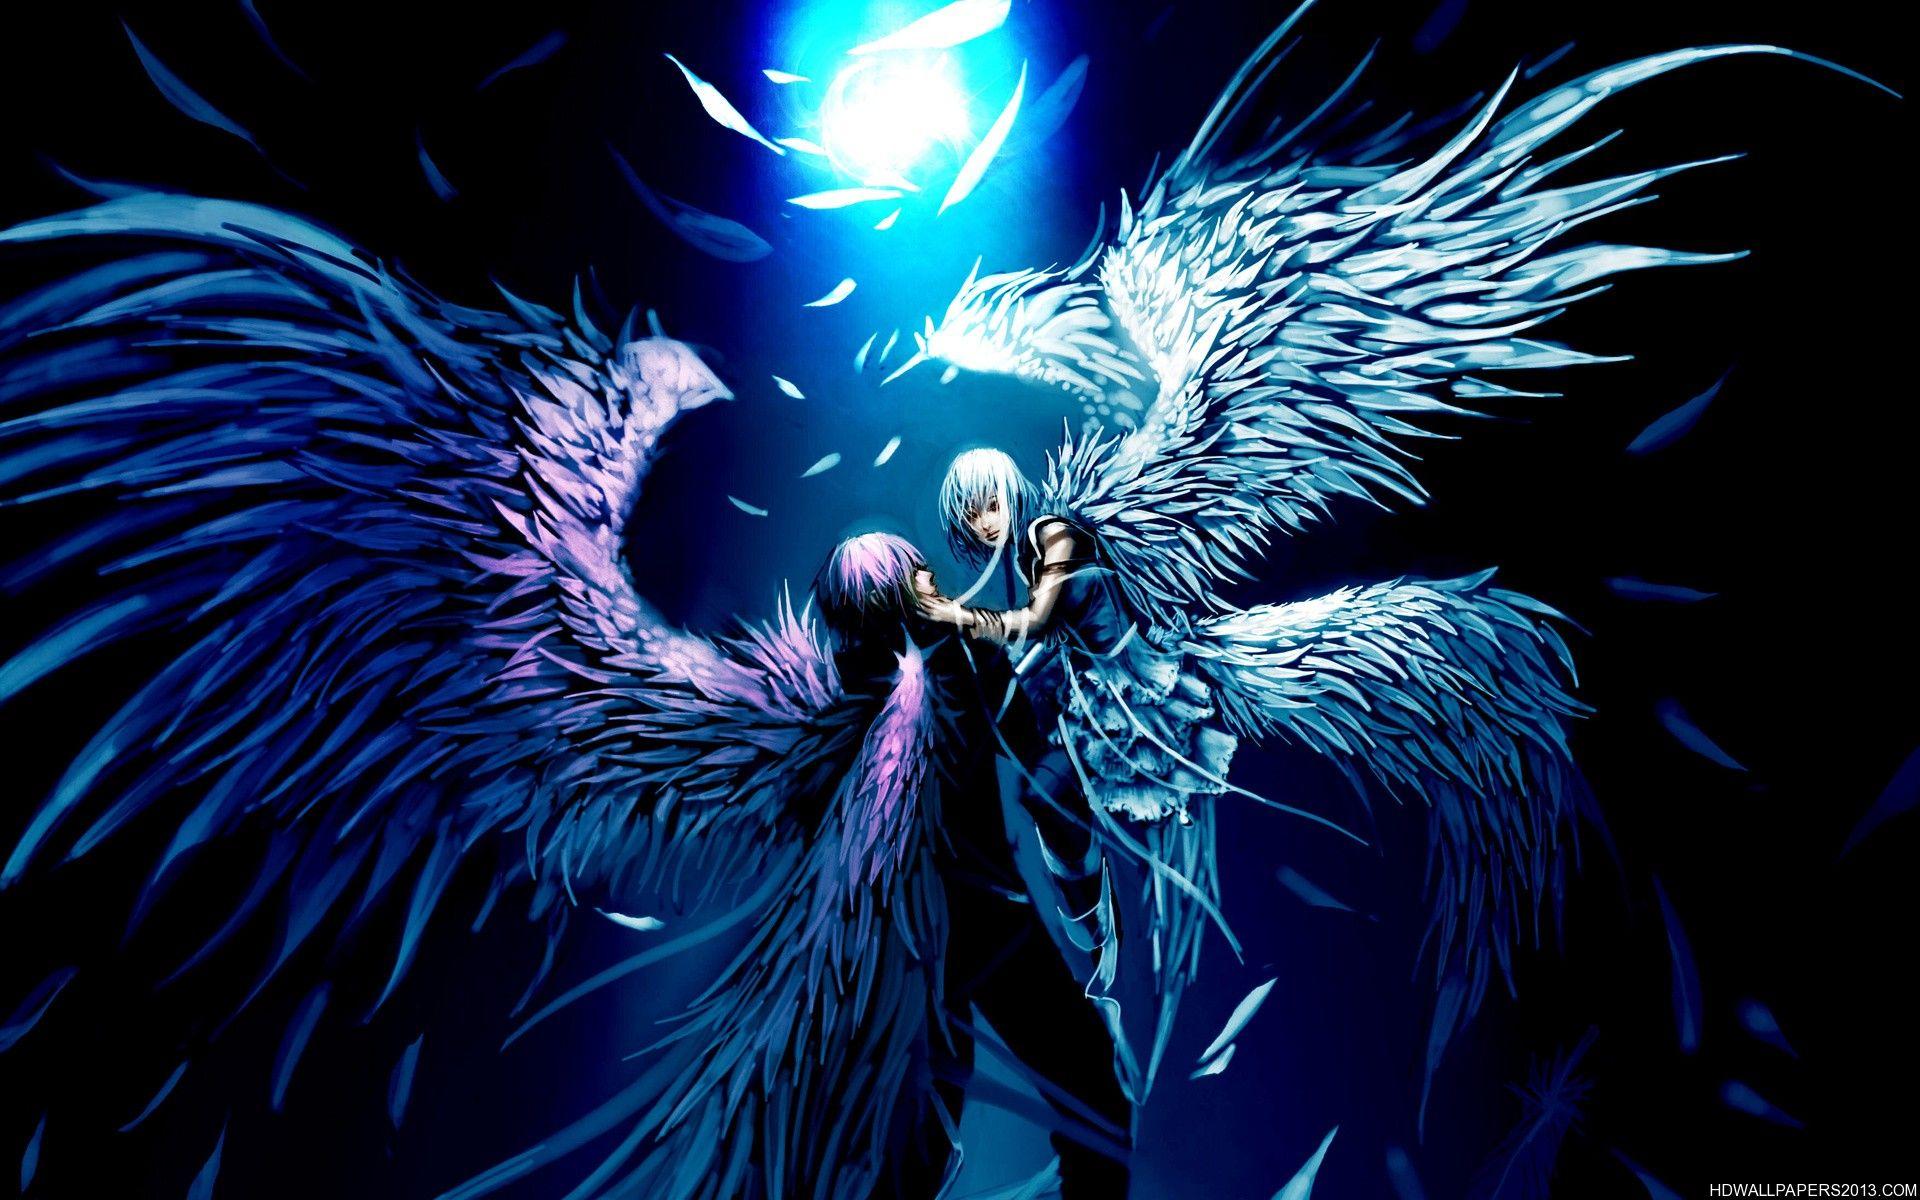 BlueAnimeAngelDesktopImage.jpg (1920×1200) Hd anime